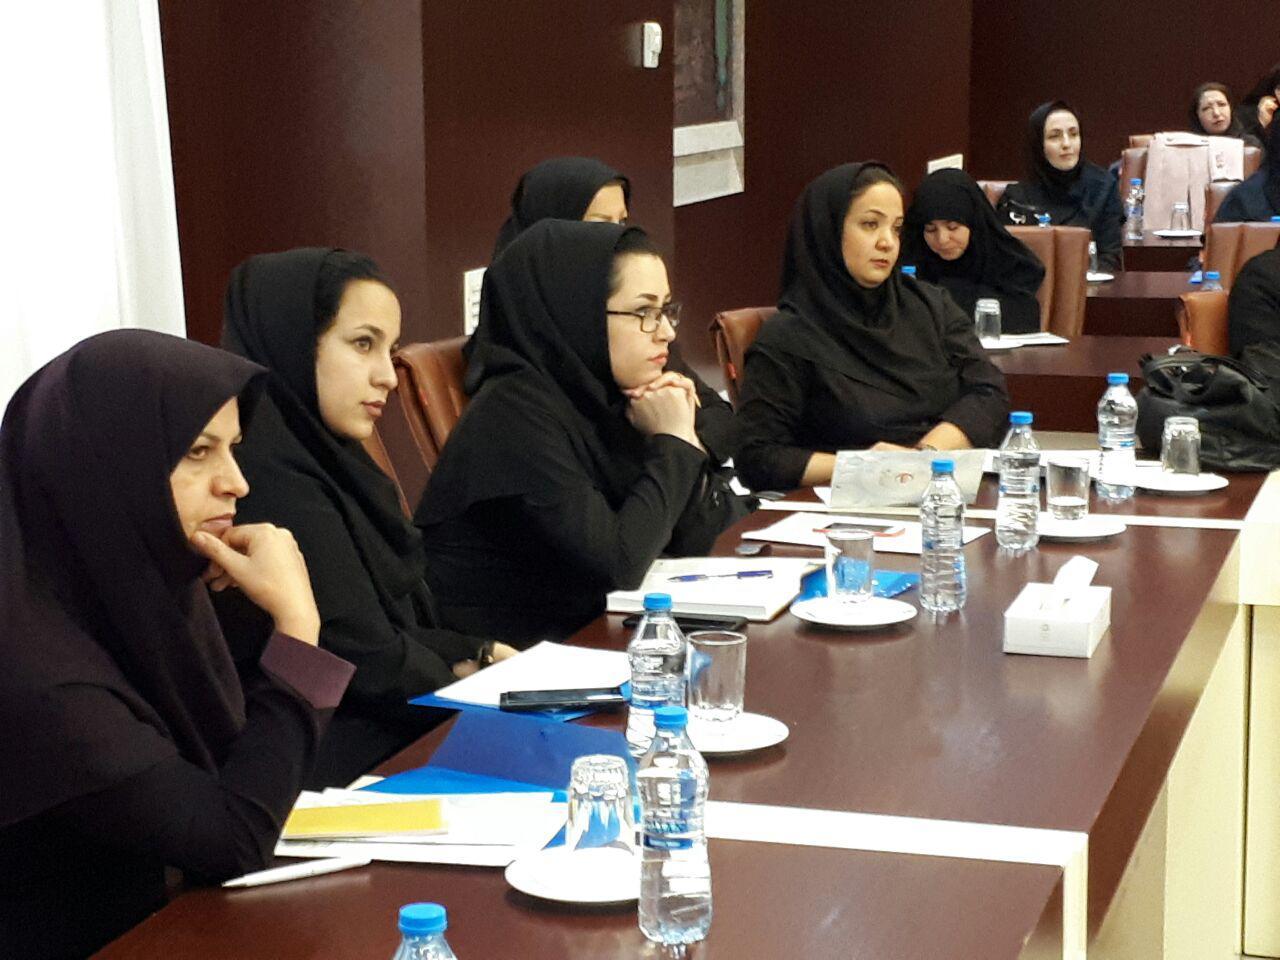 برگزاری سمینار آموزش پرستاری دستگاه های دیالیز  4008s Classic فرزنیوس در مشهد 6